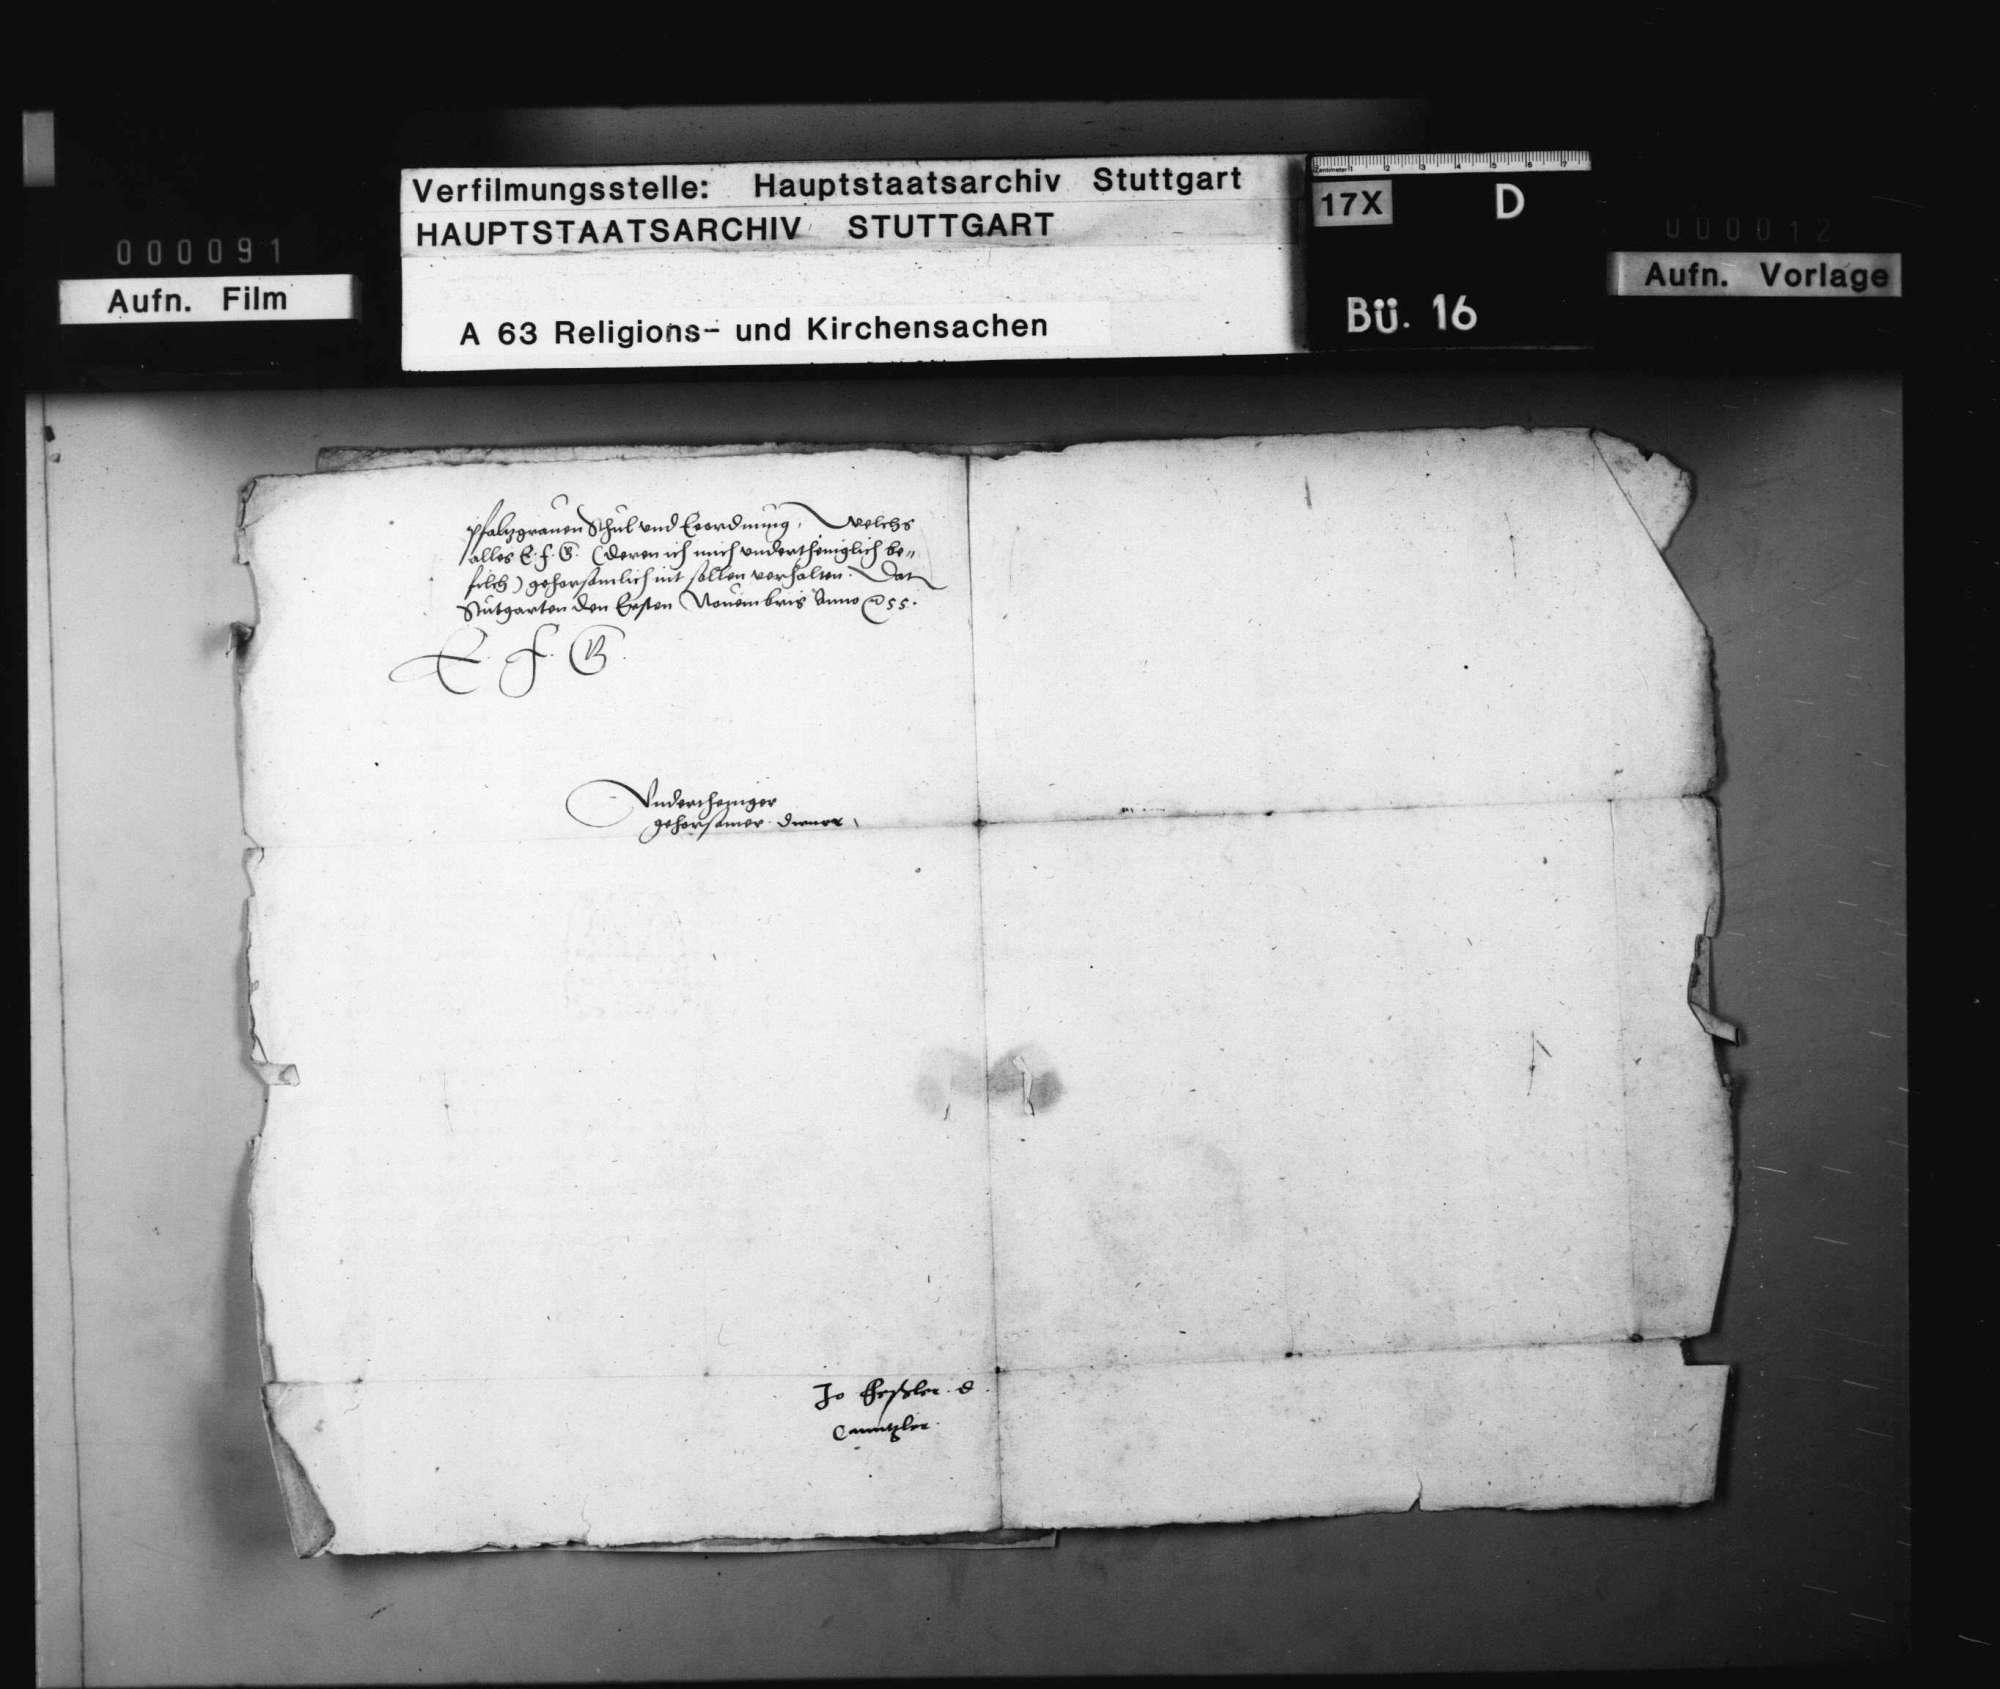 Bericht des Kanzler Feßler betreffend die ungedruckten verschiedenen Einzelordnungen (über 250 Blätter z.B. im Amt Bietigheim) in Kirchensachen., Bild 2